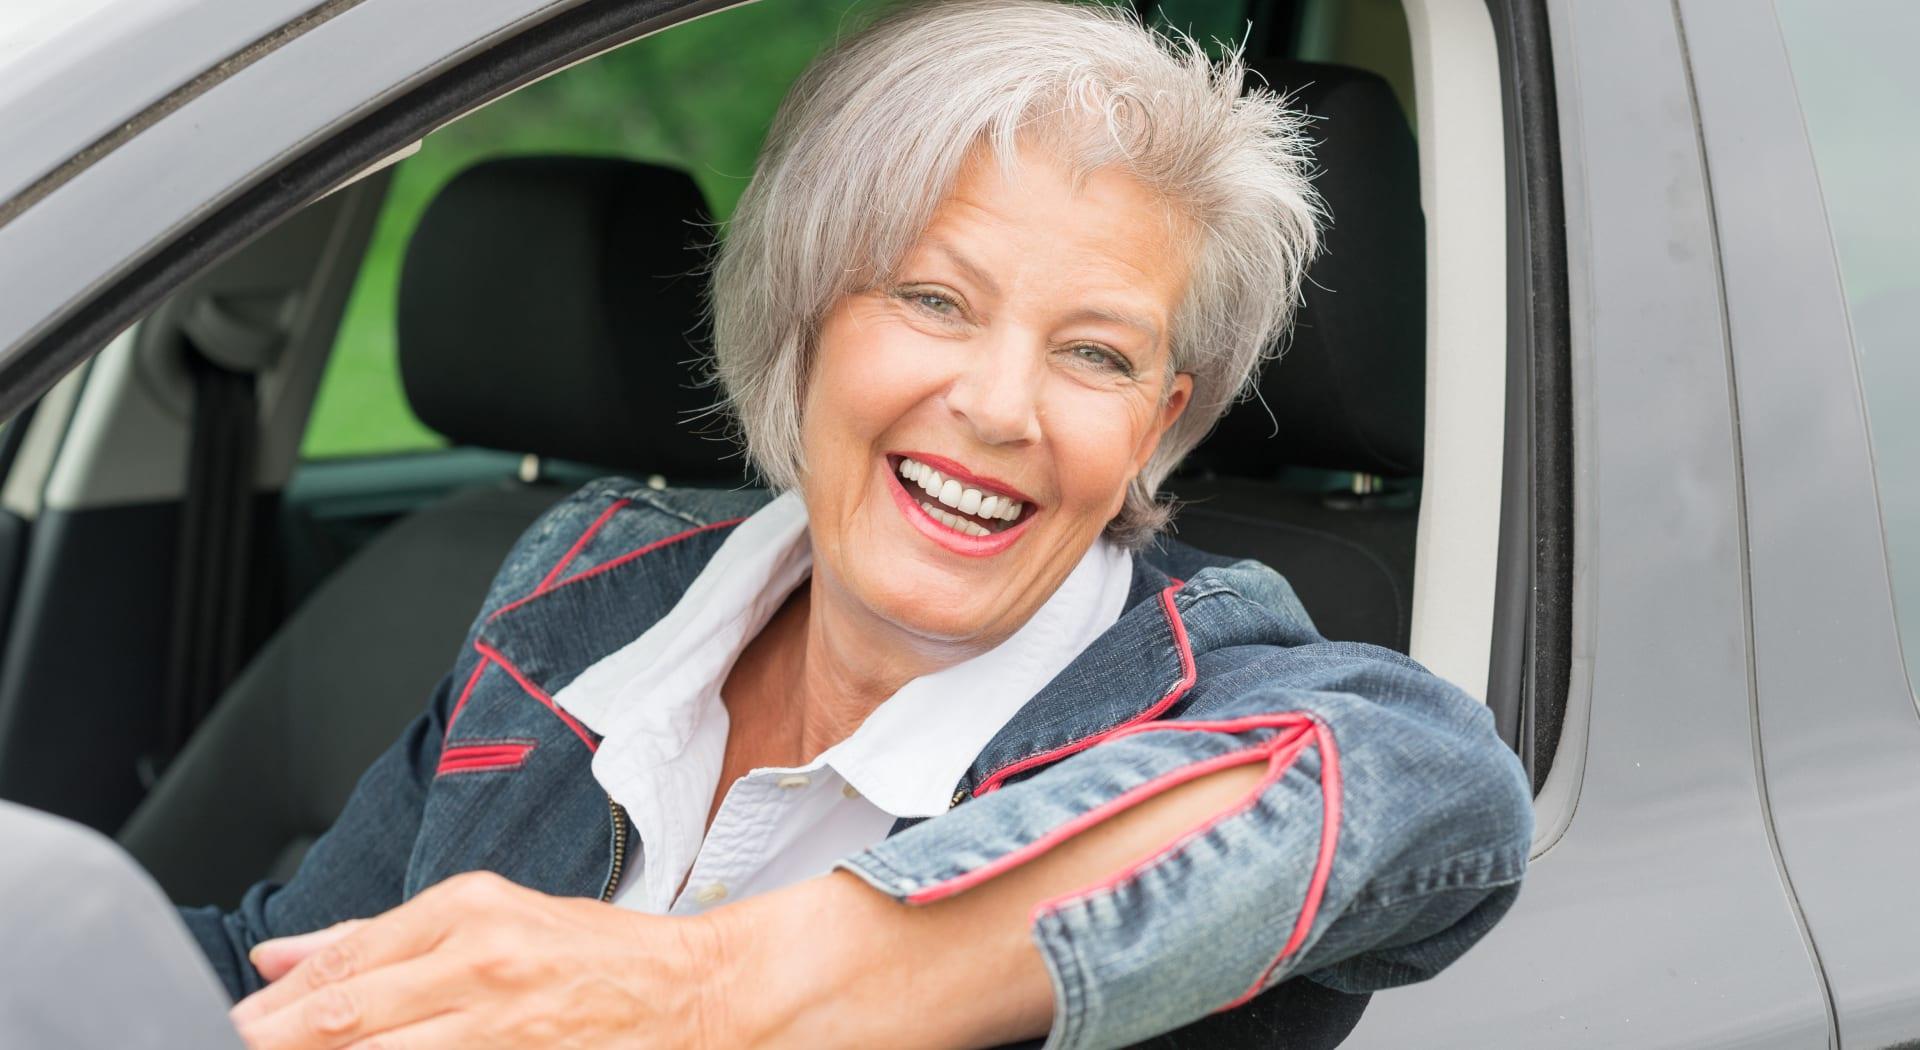 Det er viktig at man fortsetter med obligatorisk helseattest for å hindre trafikkylukker, mener Trygg Trafikk.